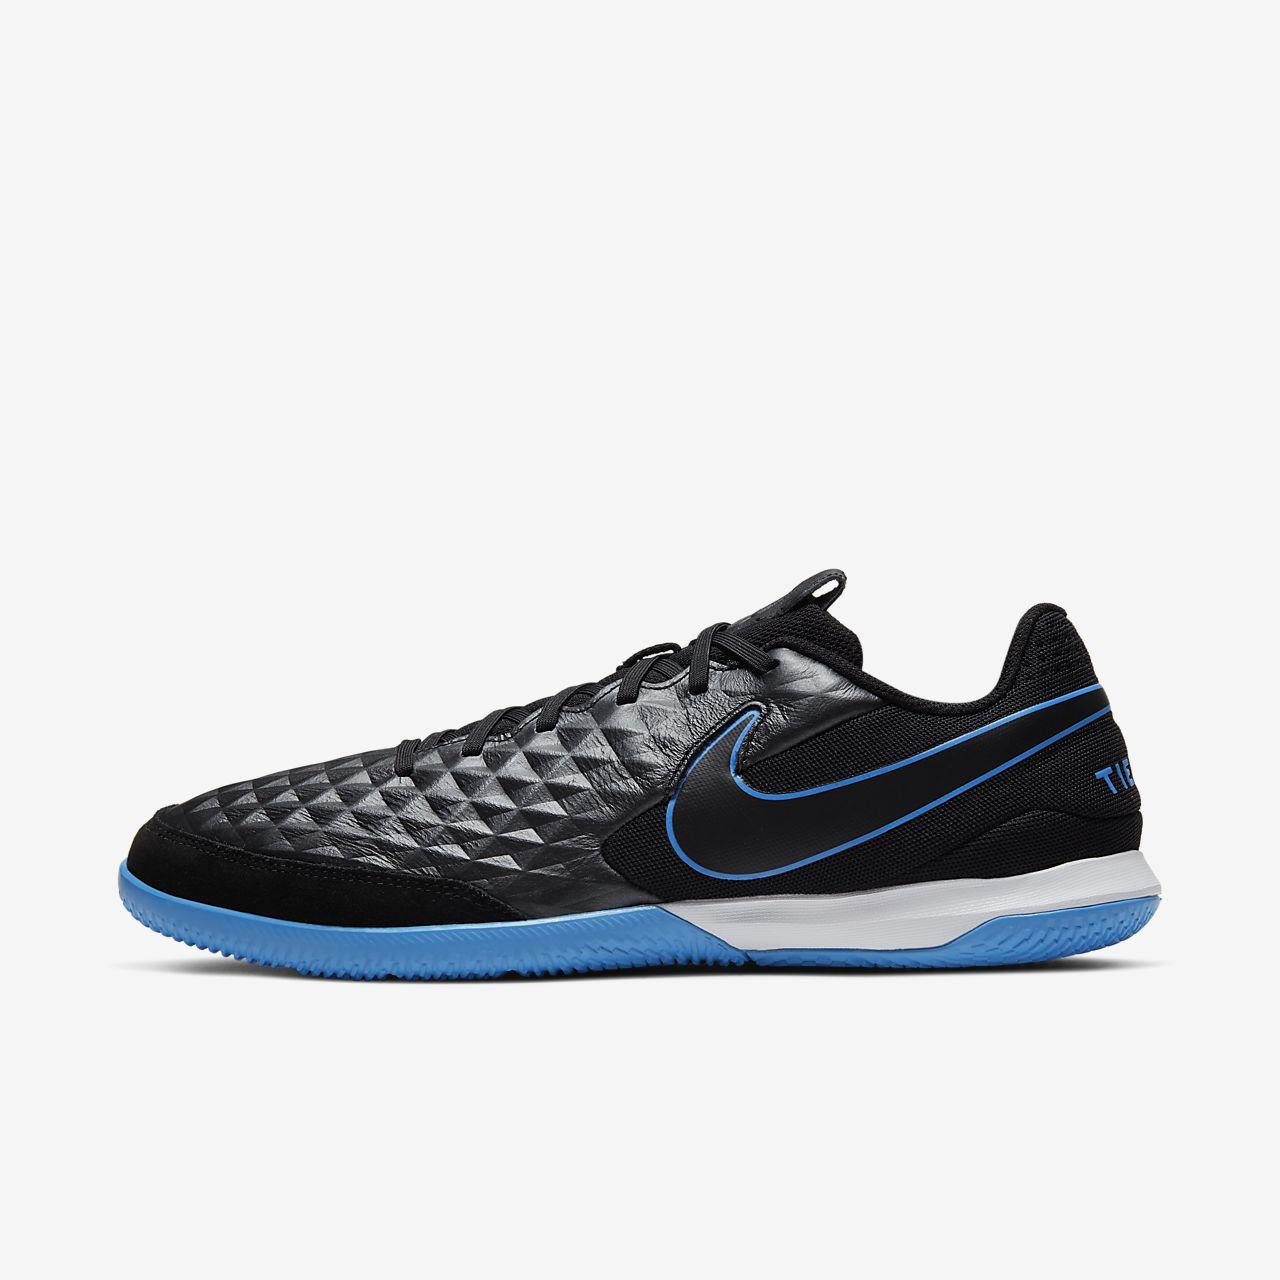 Ποδοσφαιρικό παπούτσι για κλειστά γήπεδα Nike Tiempo Legend 8 Academy IC